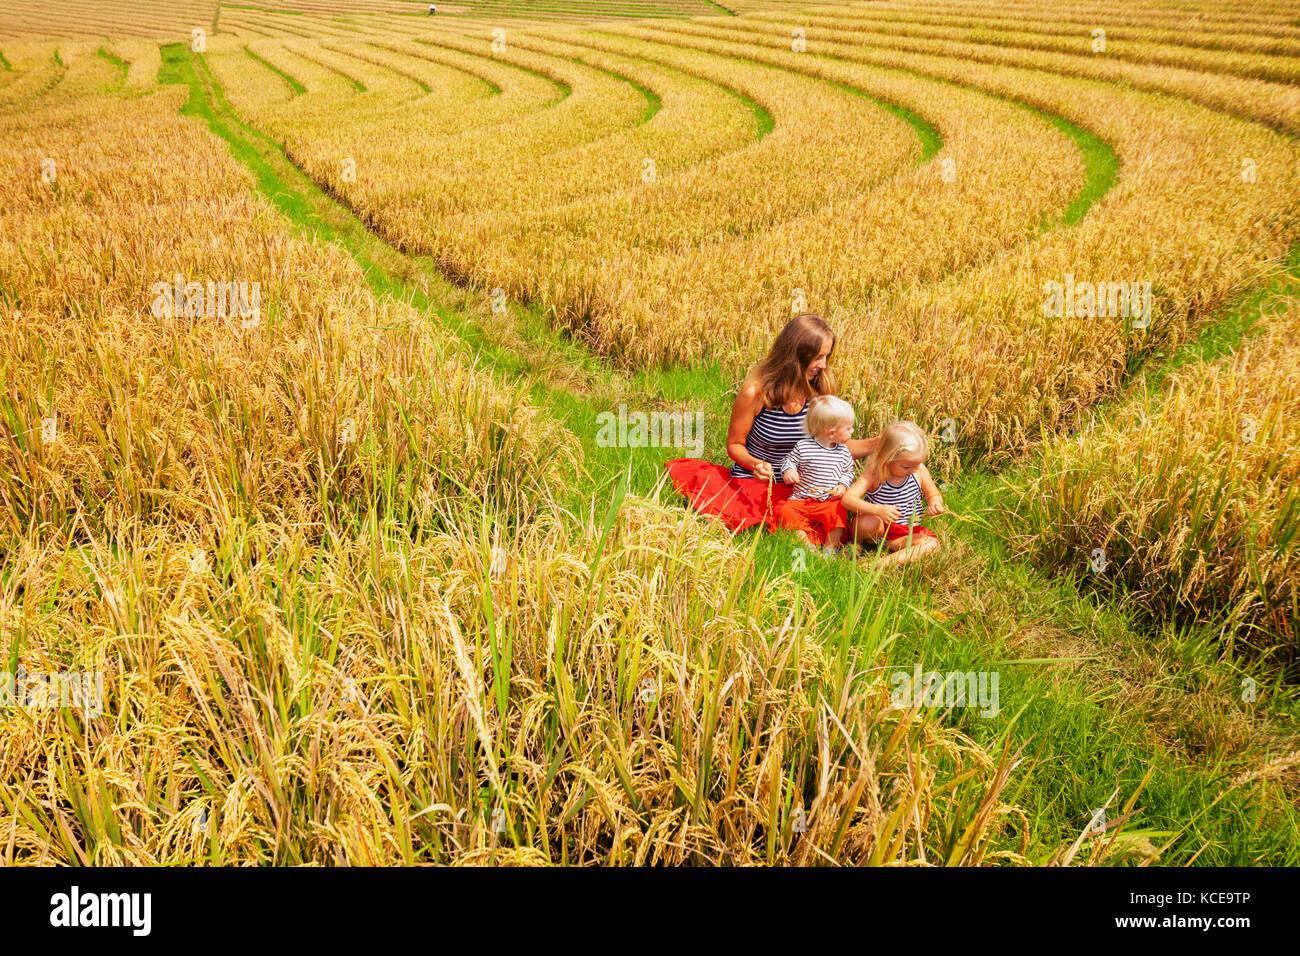 Felice figlia della madre, baby figlio a piedi con il divertimento in terrazza plantation con riso crescente. splendida Immagini Stock